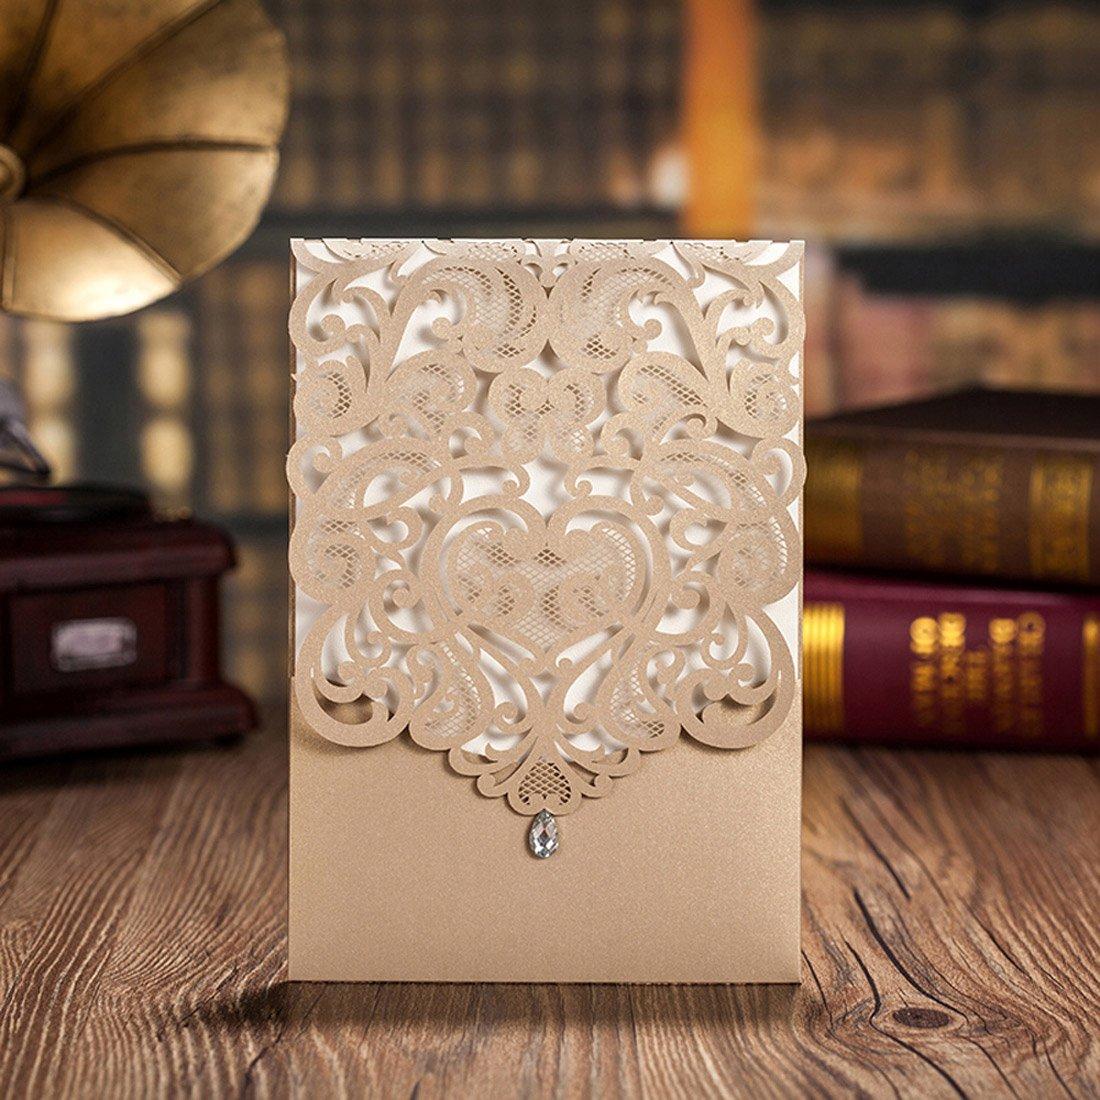 Einladungskarten Hochzeit Wishmade Gold Herz Blumen Lasercut Spitze Design  Blanko Set 50 Stücke Gratis Umschläge: Amazon.de: Küche U0026 Haushalt